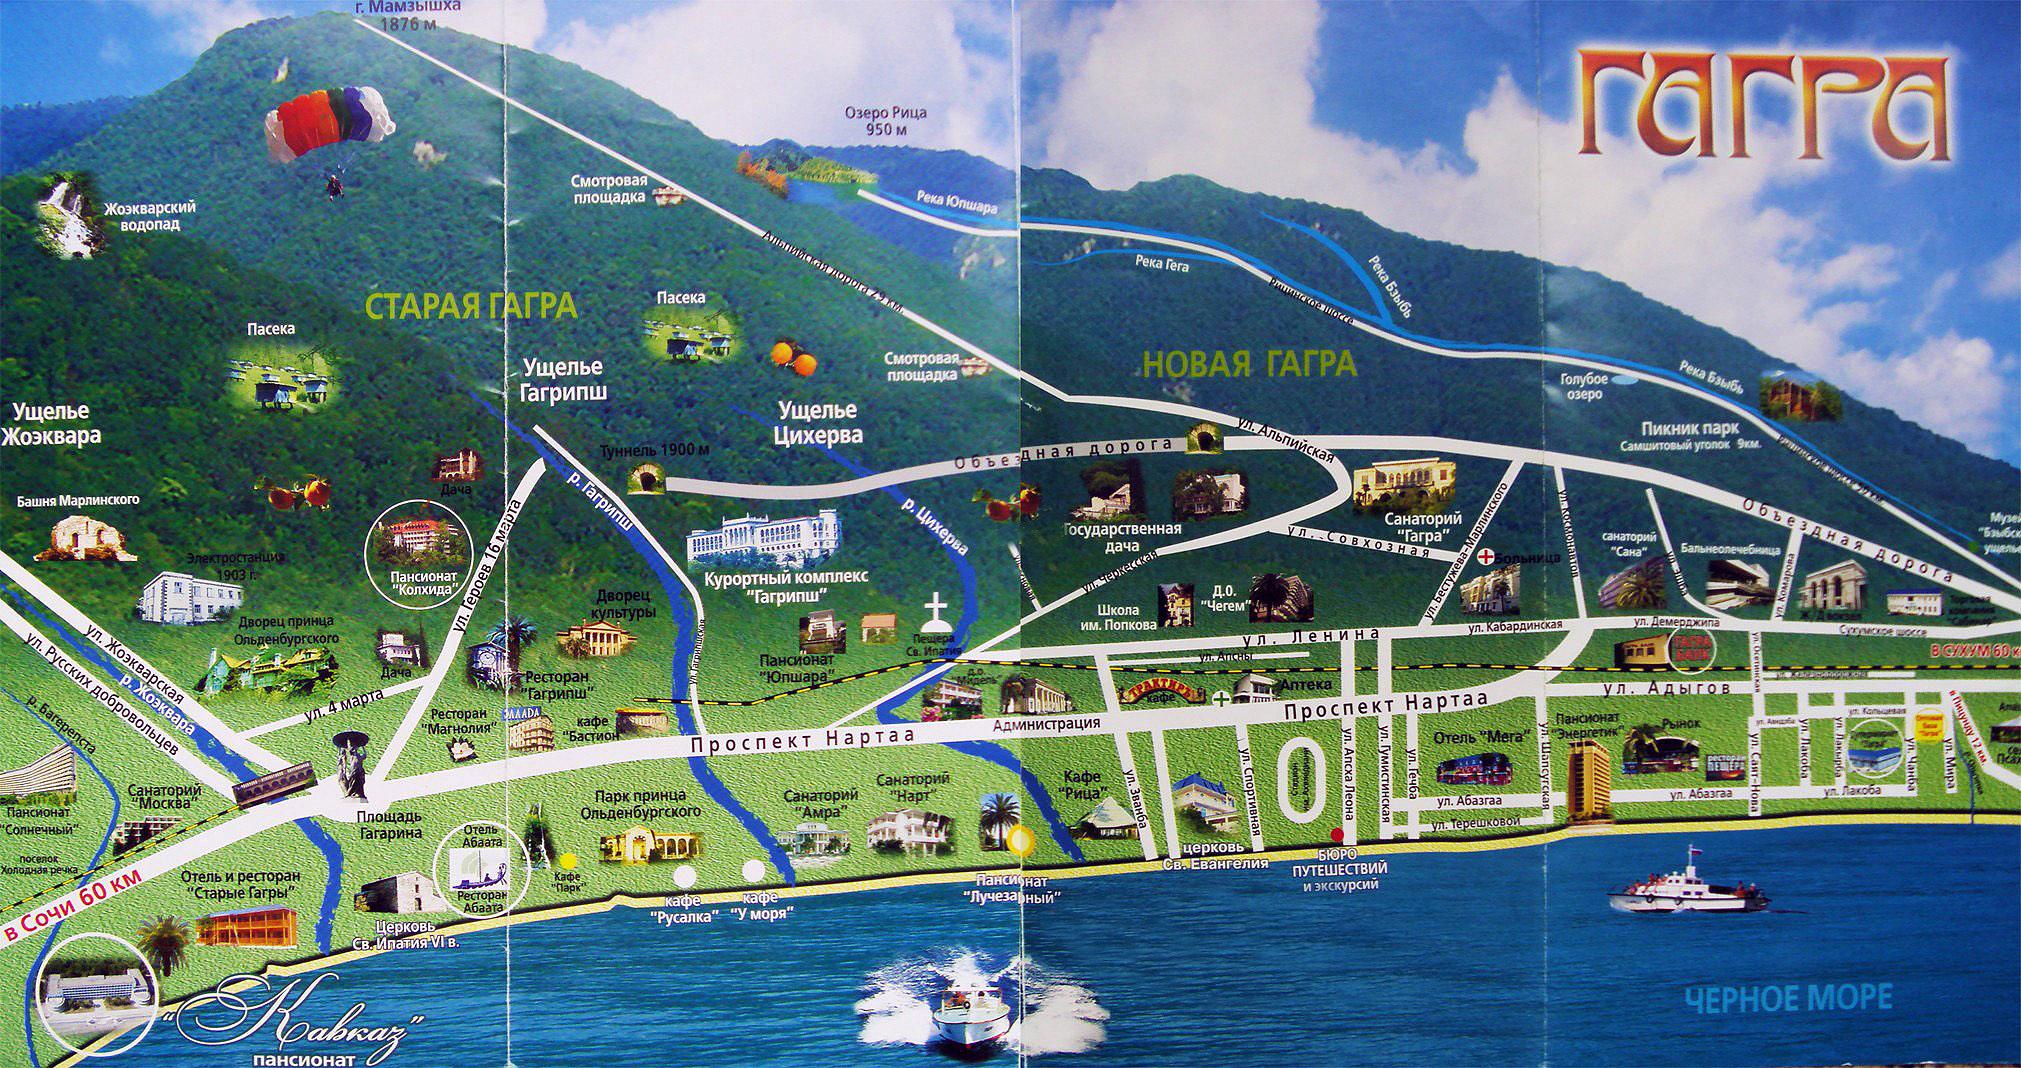 Карта схема гагры с рельефом и